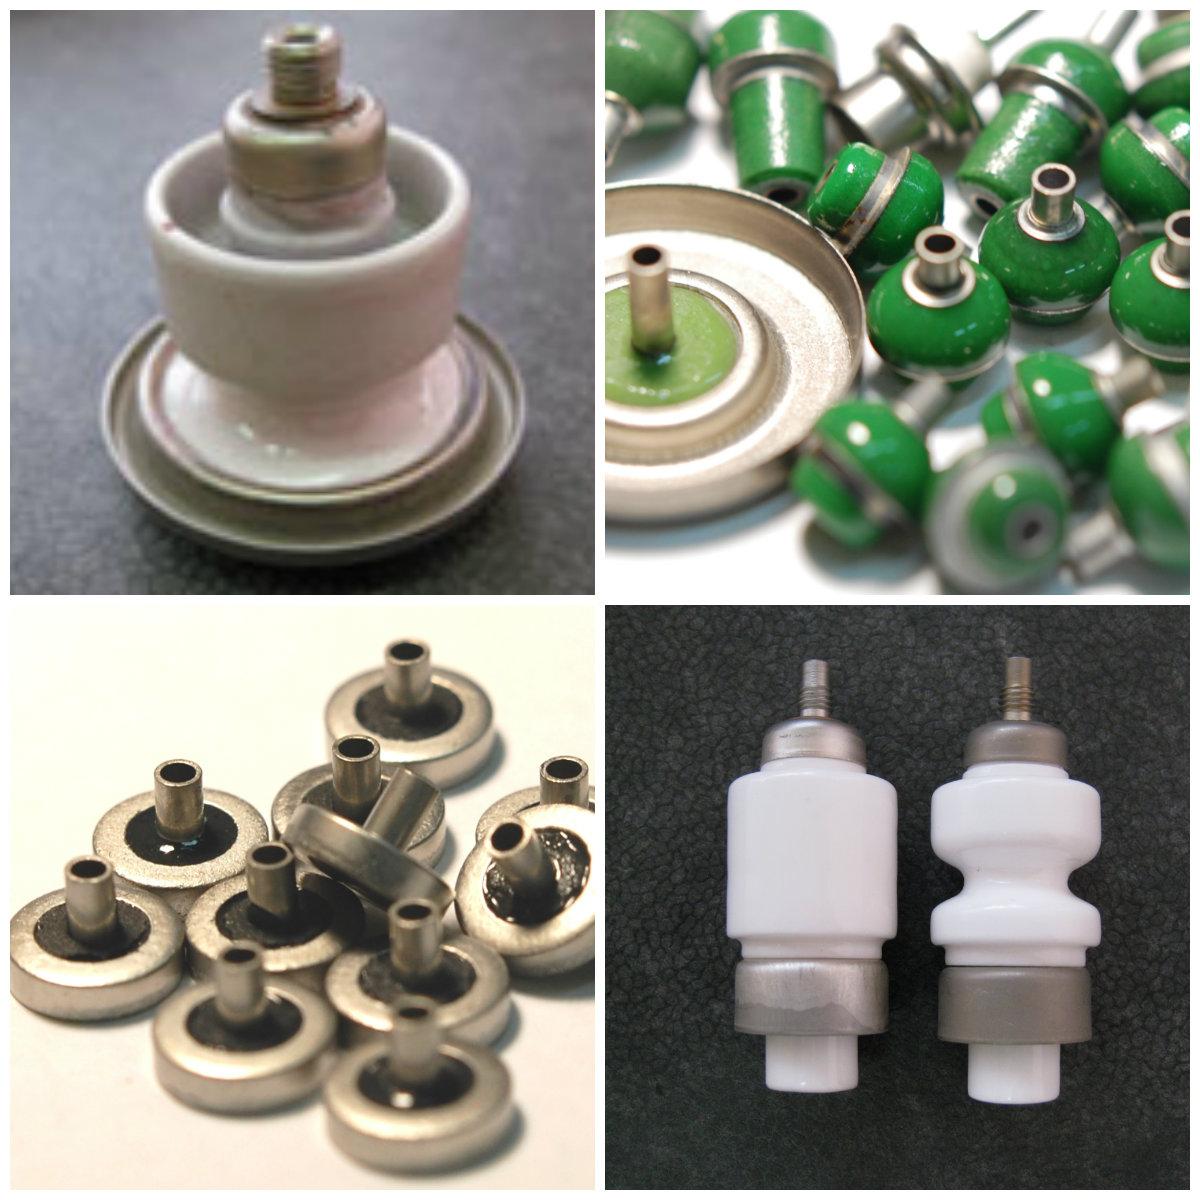 Гермовводы и проходные изоляторы для электронной аппаратуры и контактов конденсаторов